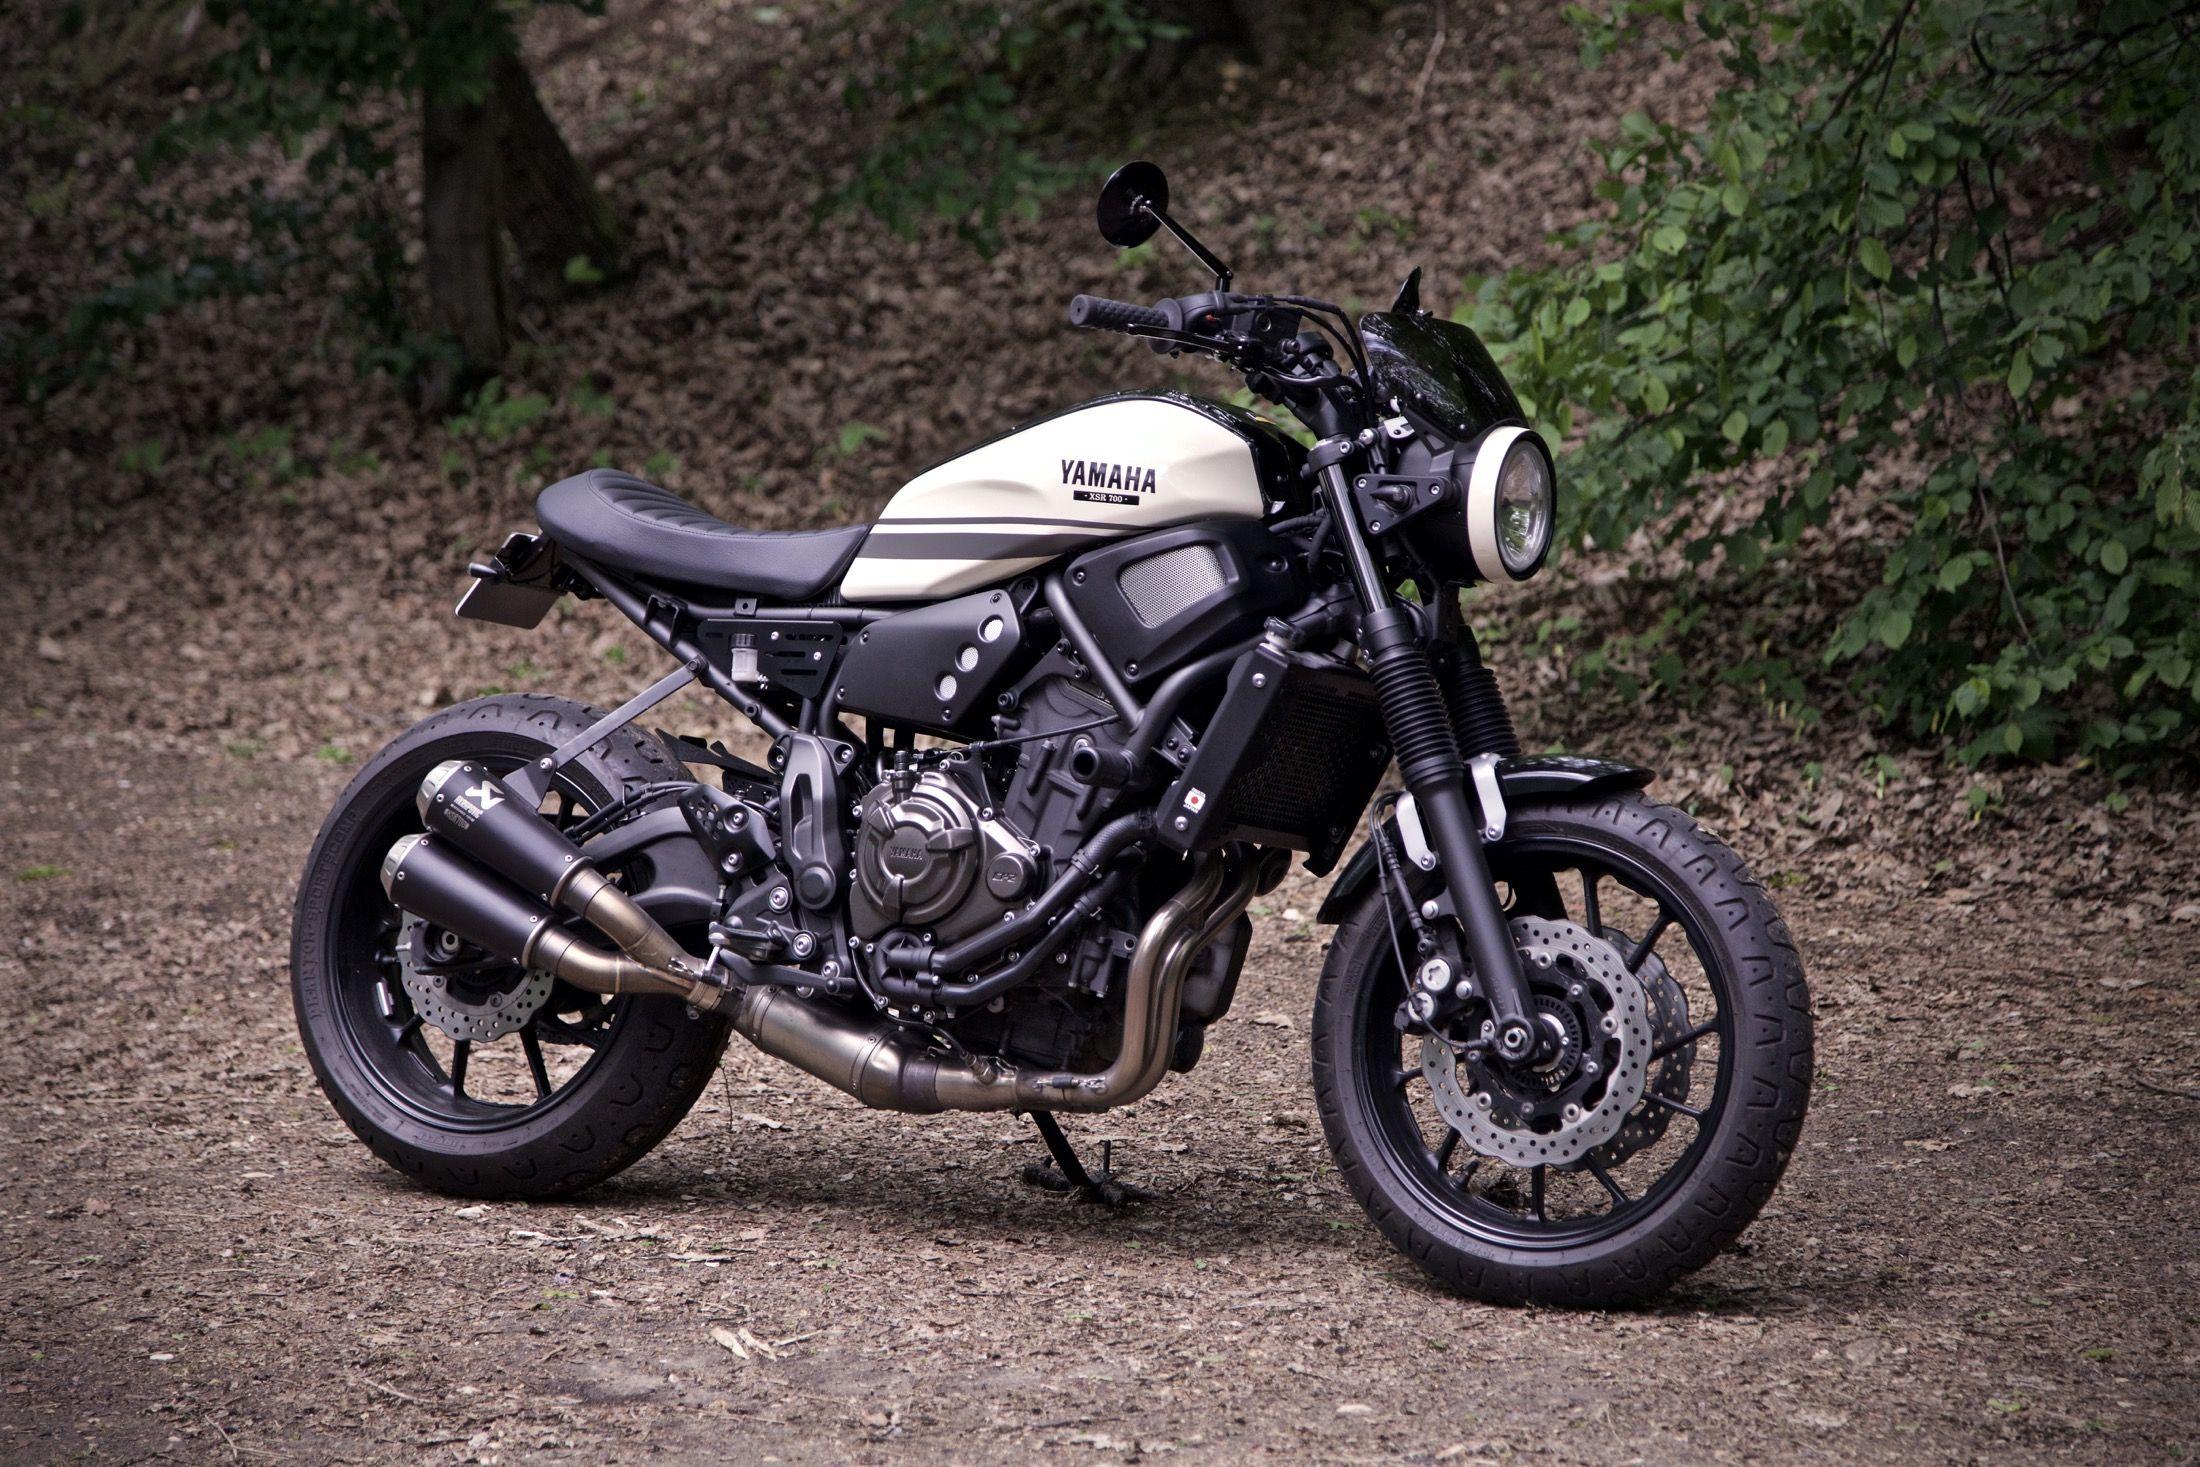 Xsr 700 Yamaha Paris France Custom